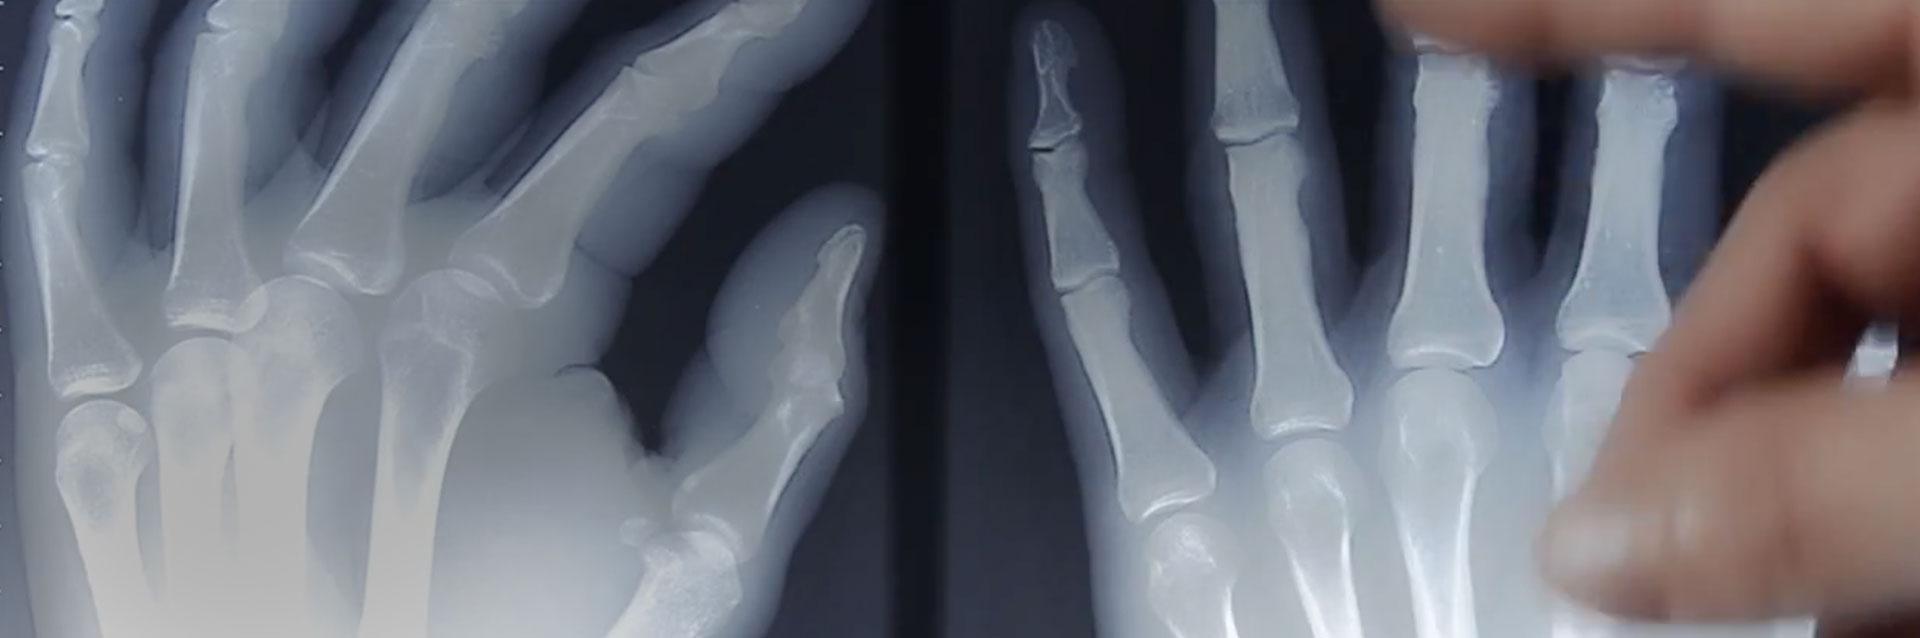 Handchirugen